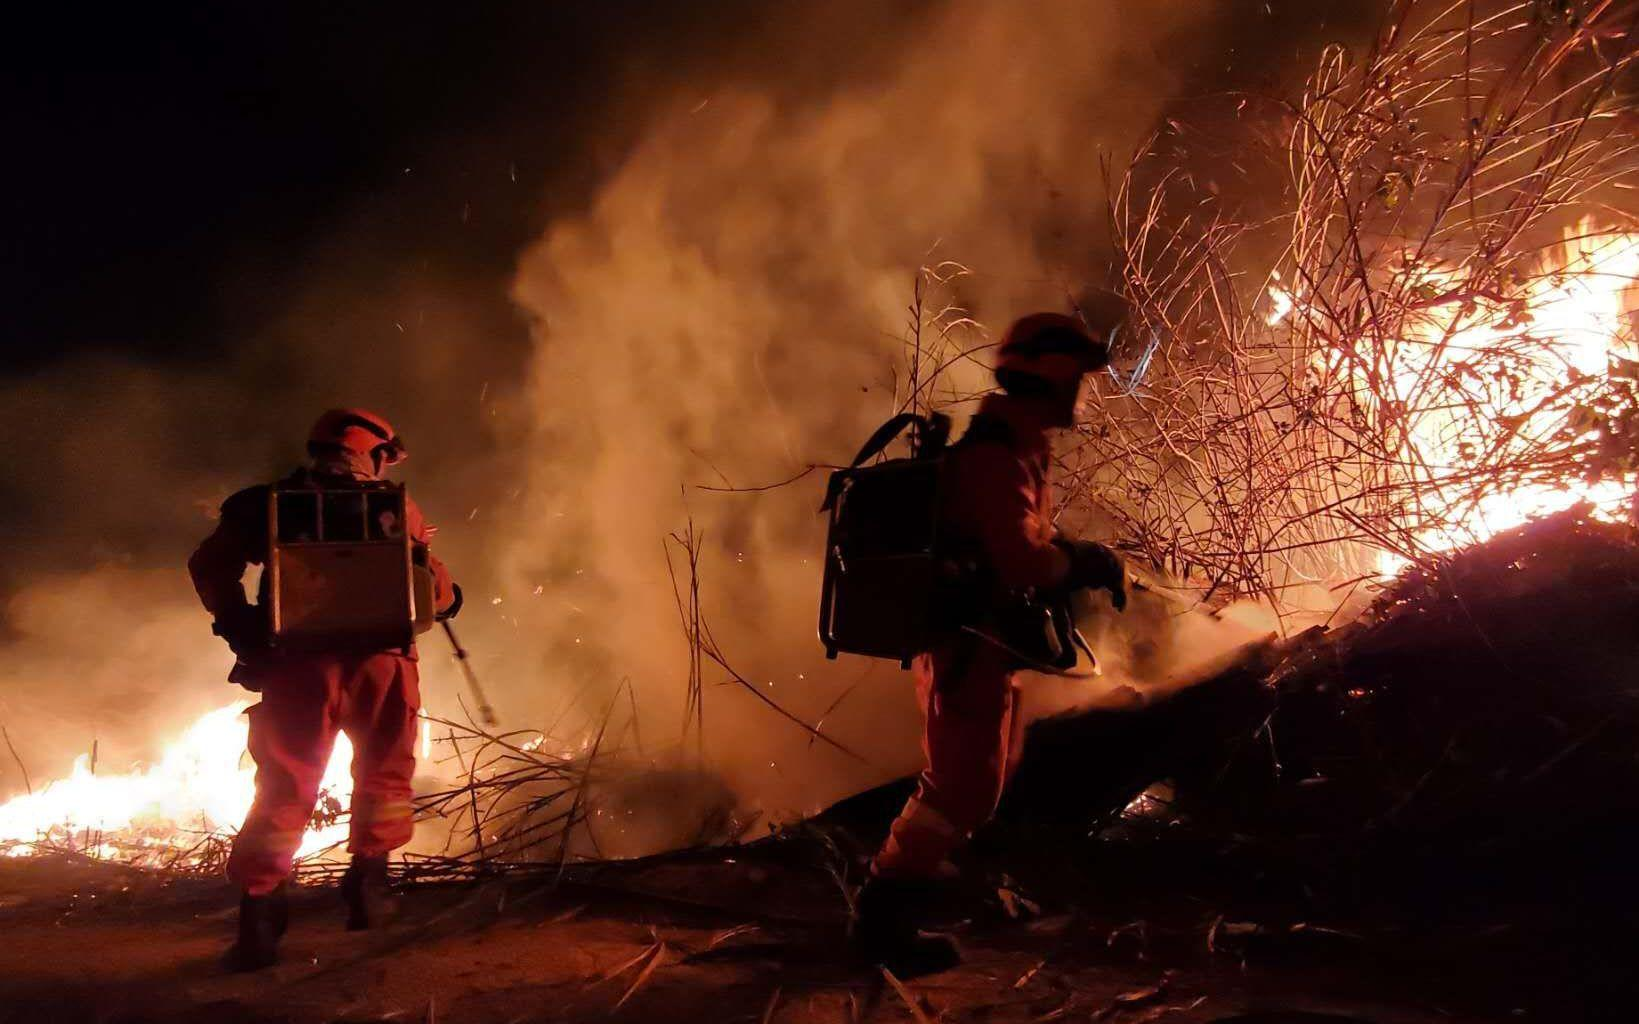 厦门突发森林火灾过火面积约250亩 目前明火已被扑灭